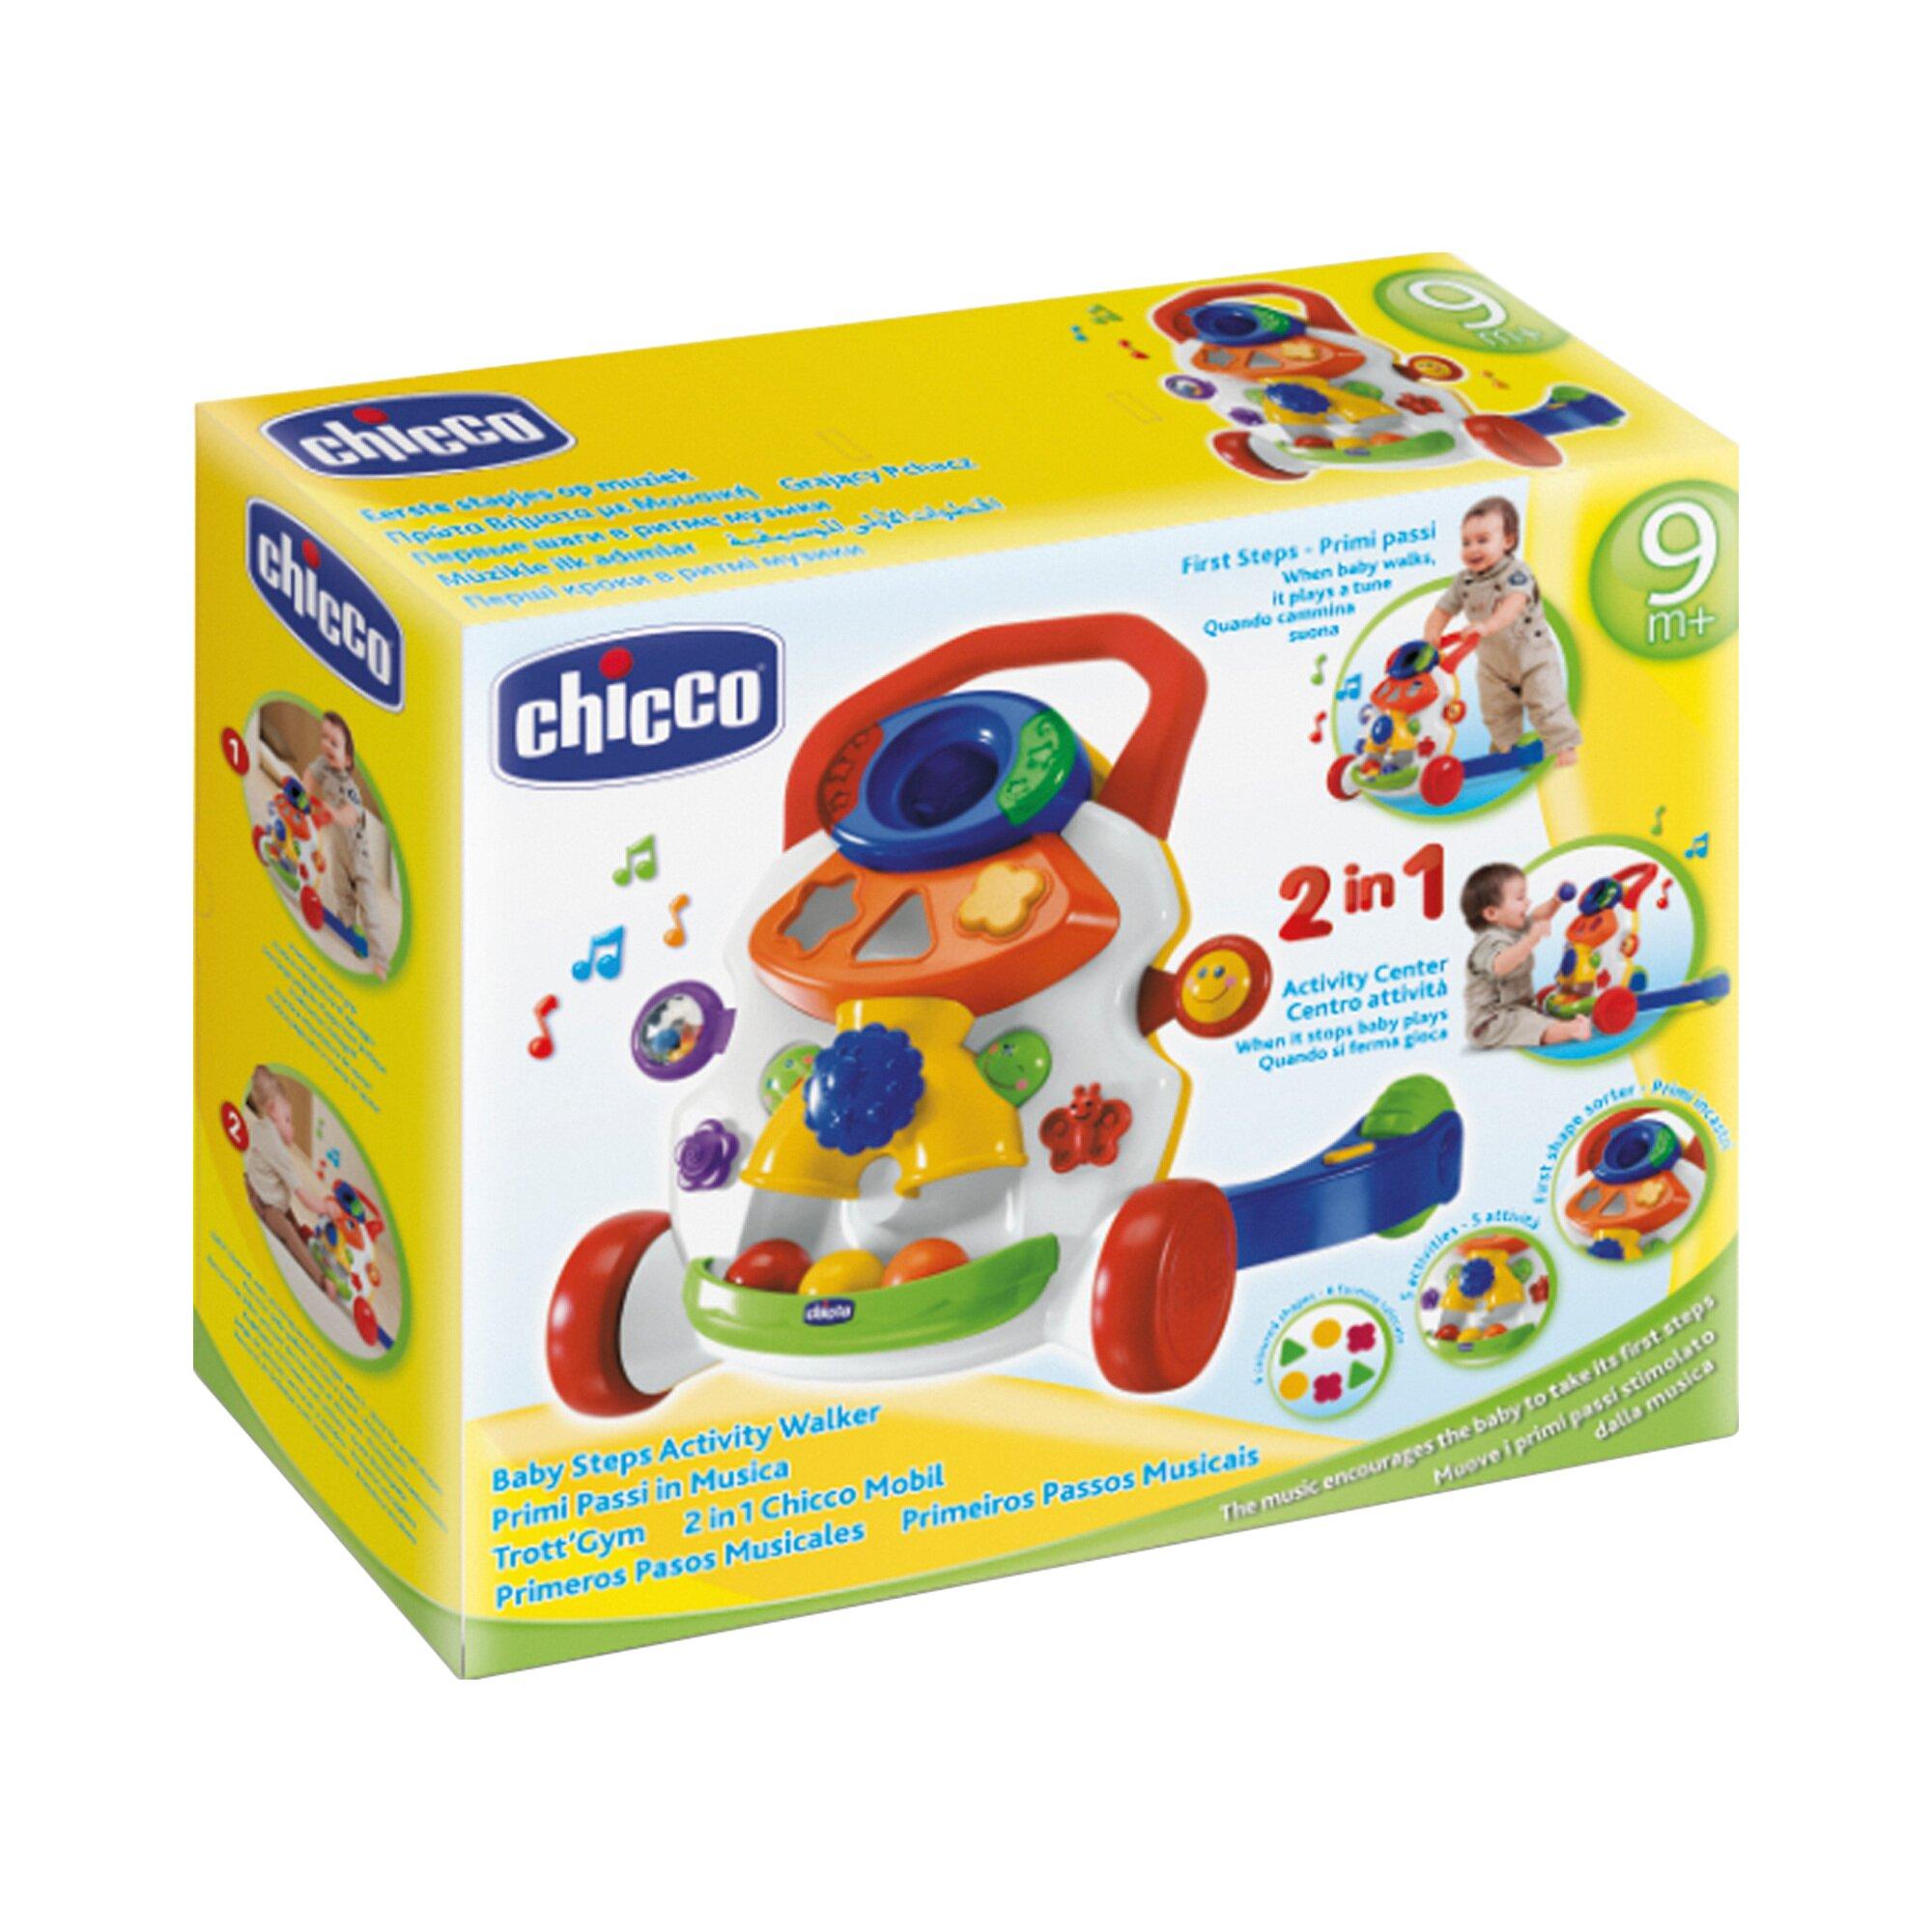 chicco-lauflernwagen-2in1-mobil